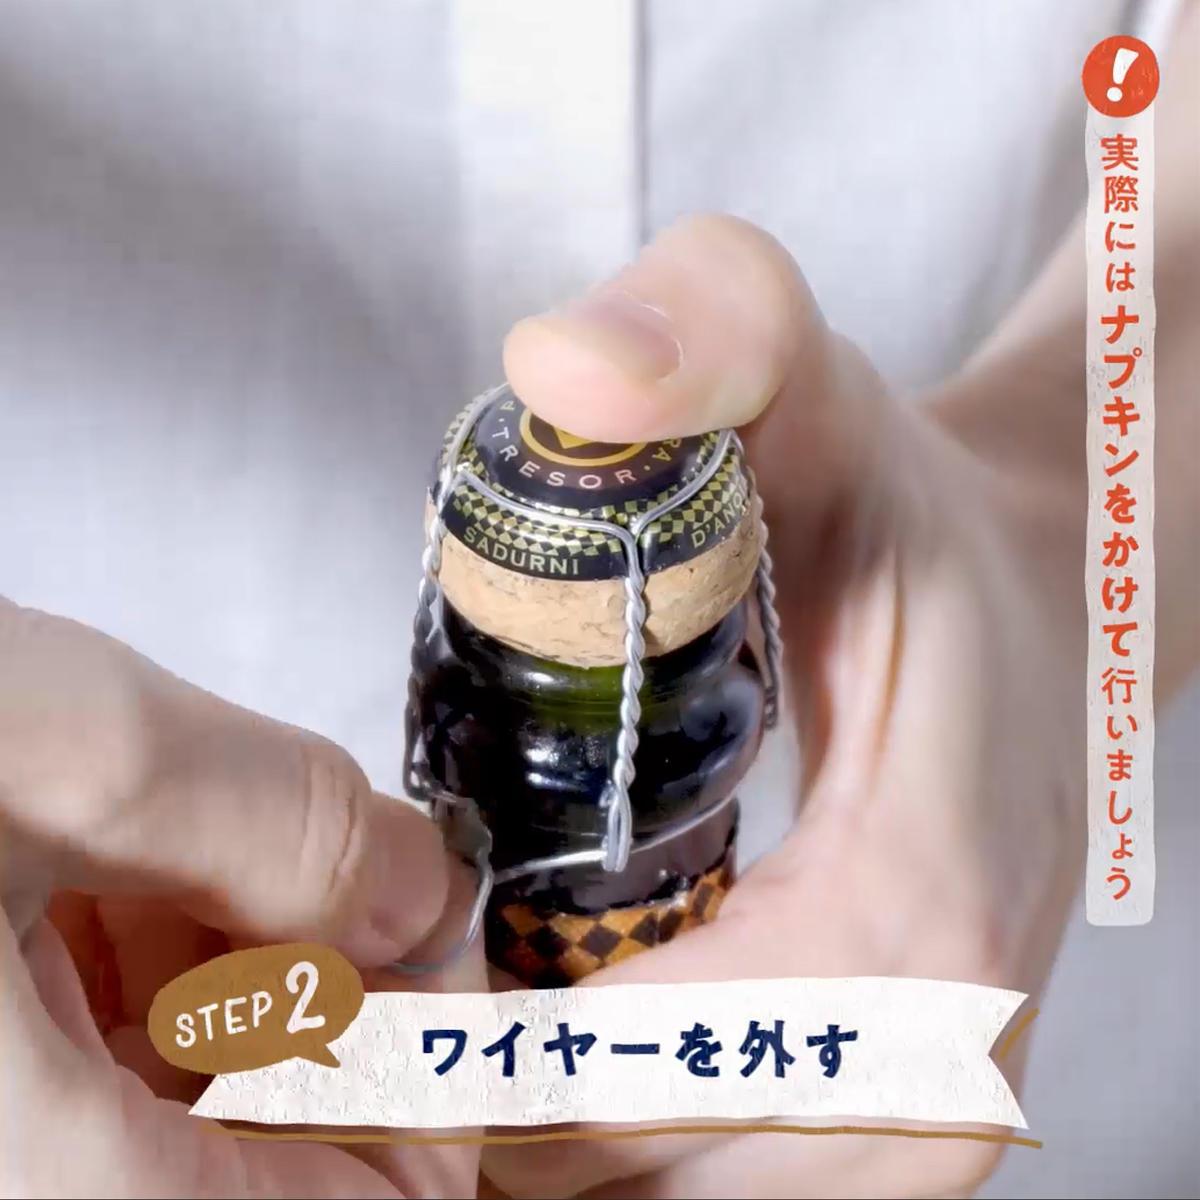 スパークリングワインの開け方_ワイヤーを外す